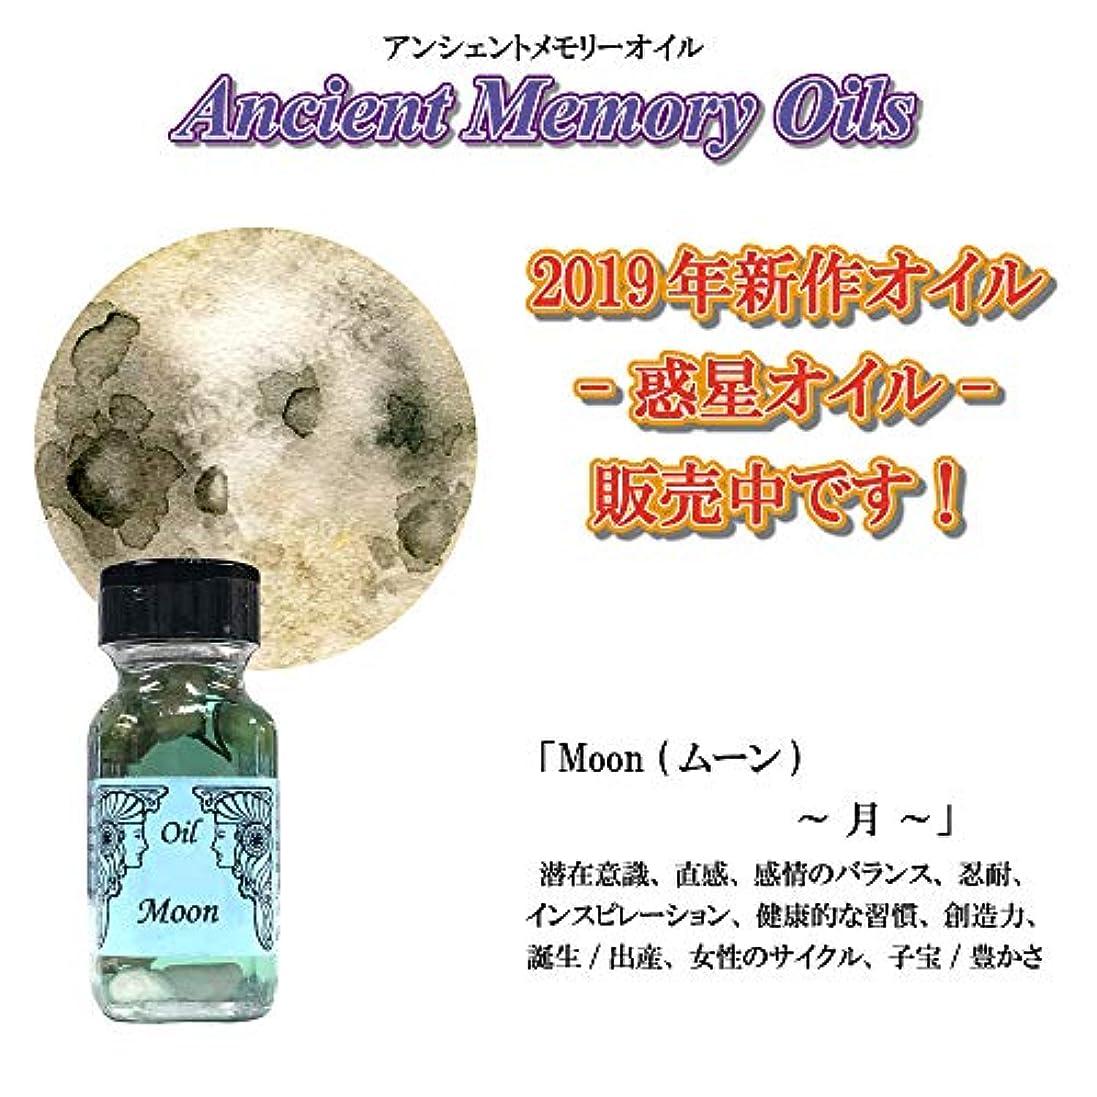 スケート症状フェリーSEDONA Ancient Memory Oils セドナ アンシェントメモリーオイル 惑星オイル Moon 月 ムーン 15ml